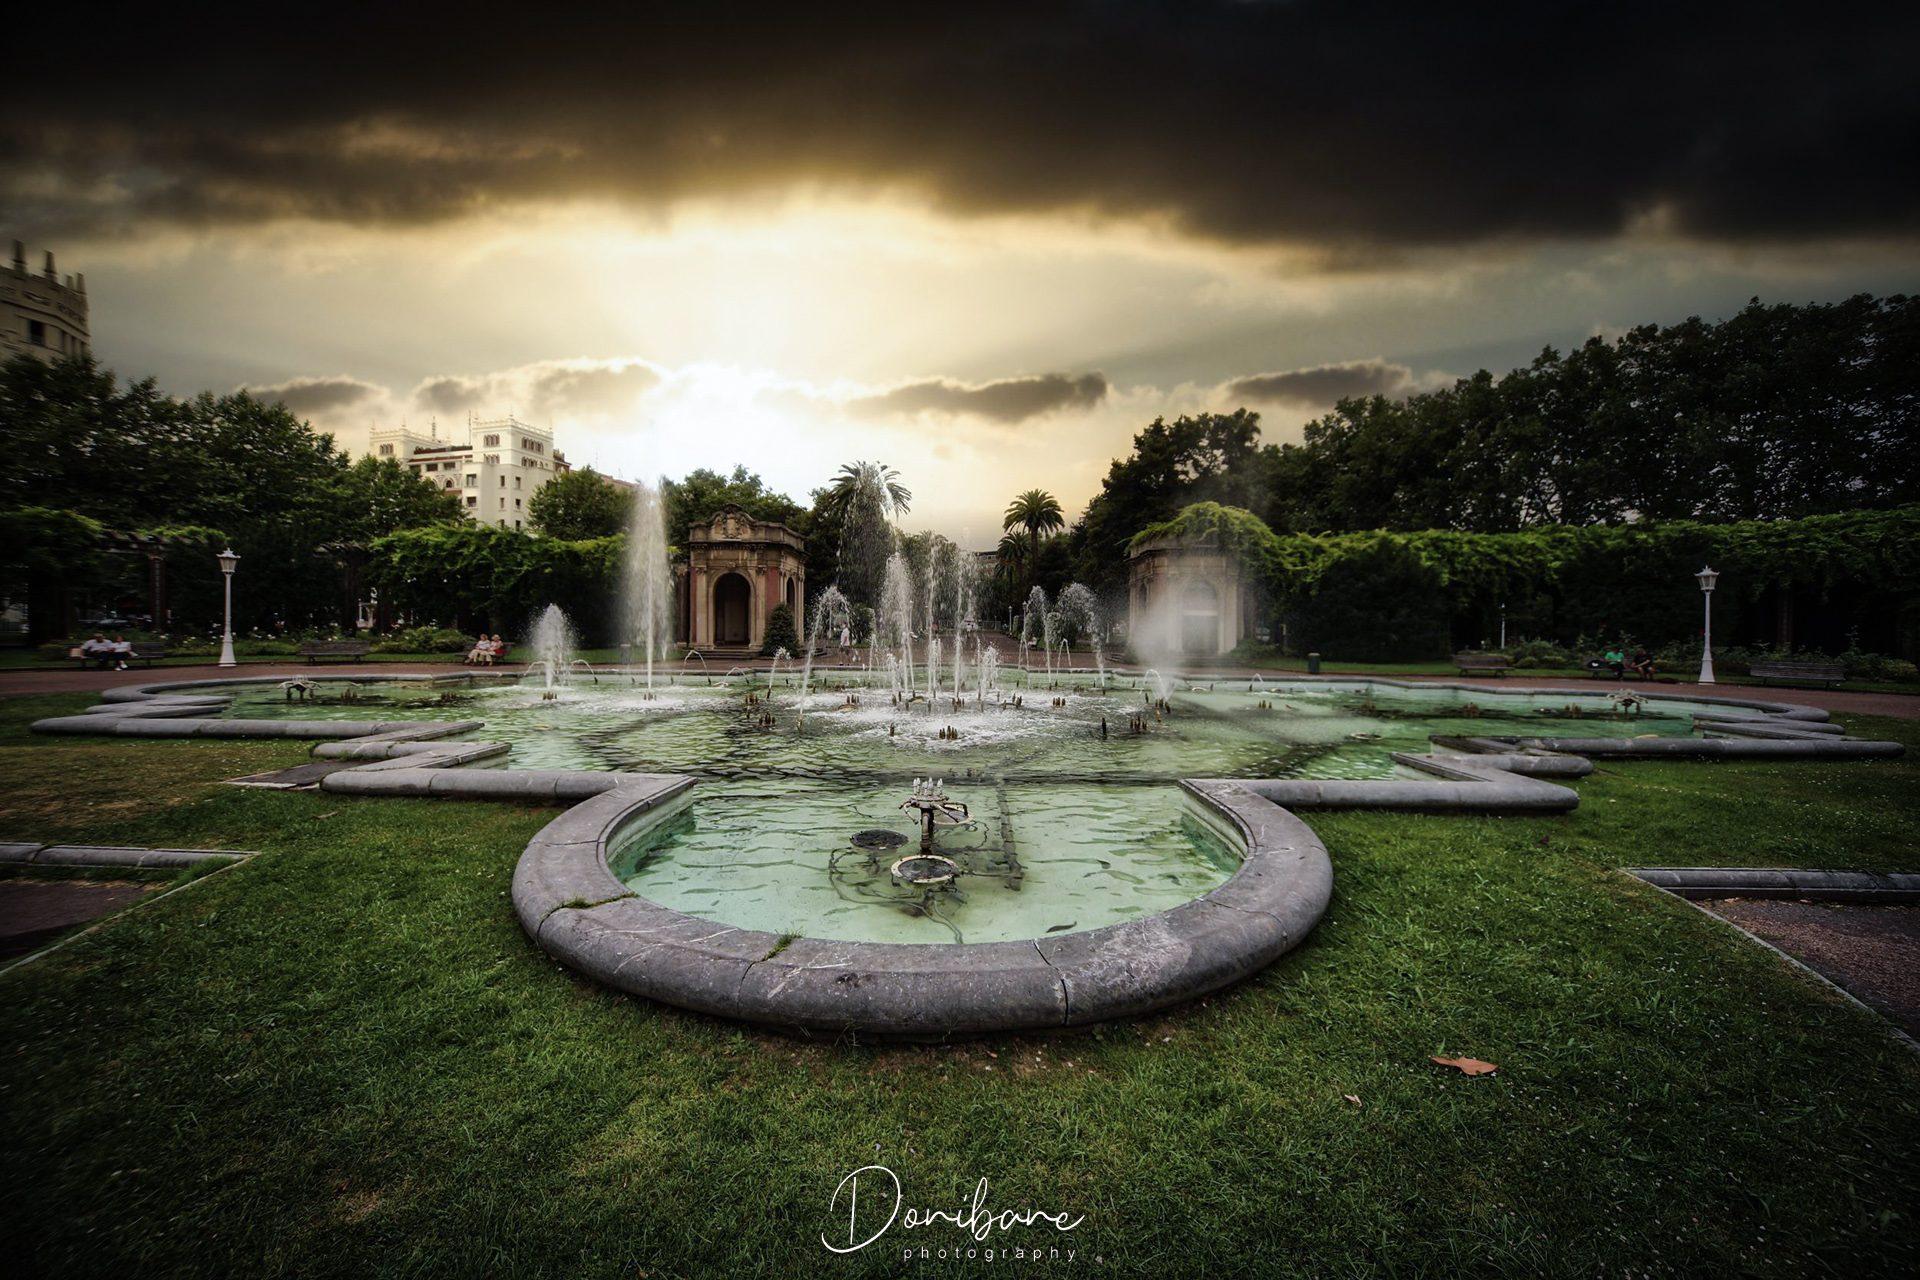 Parque de Doña Casilda por Donibane